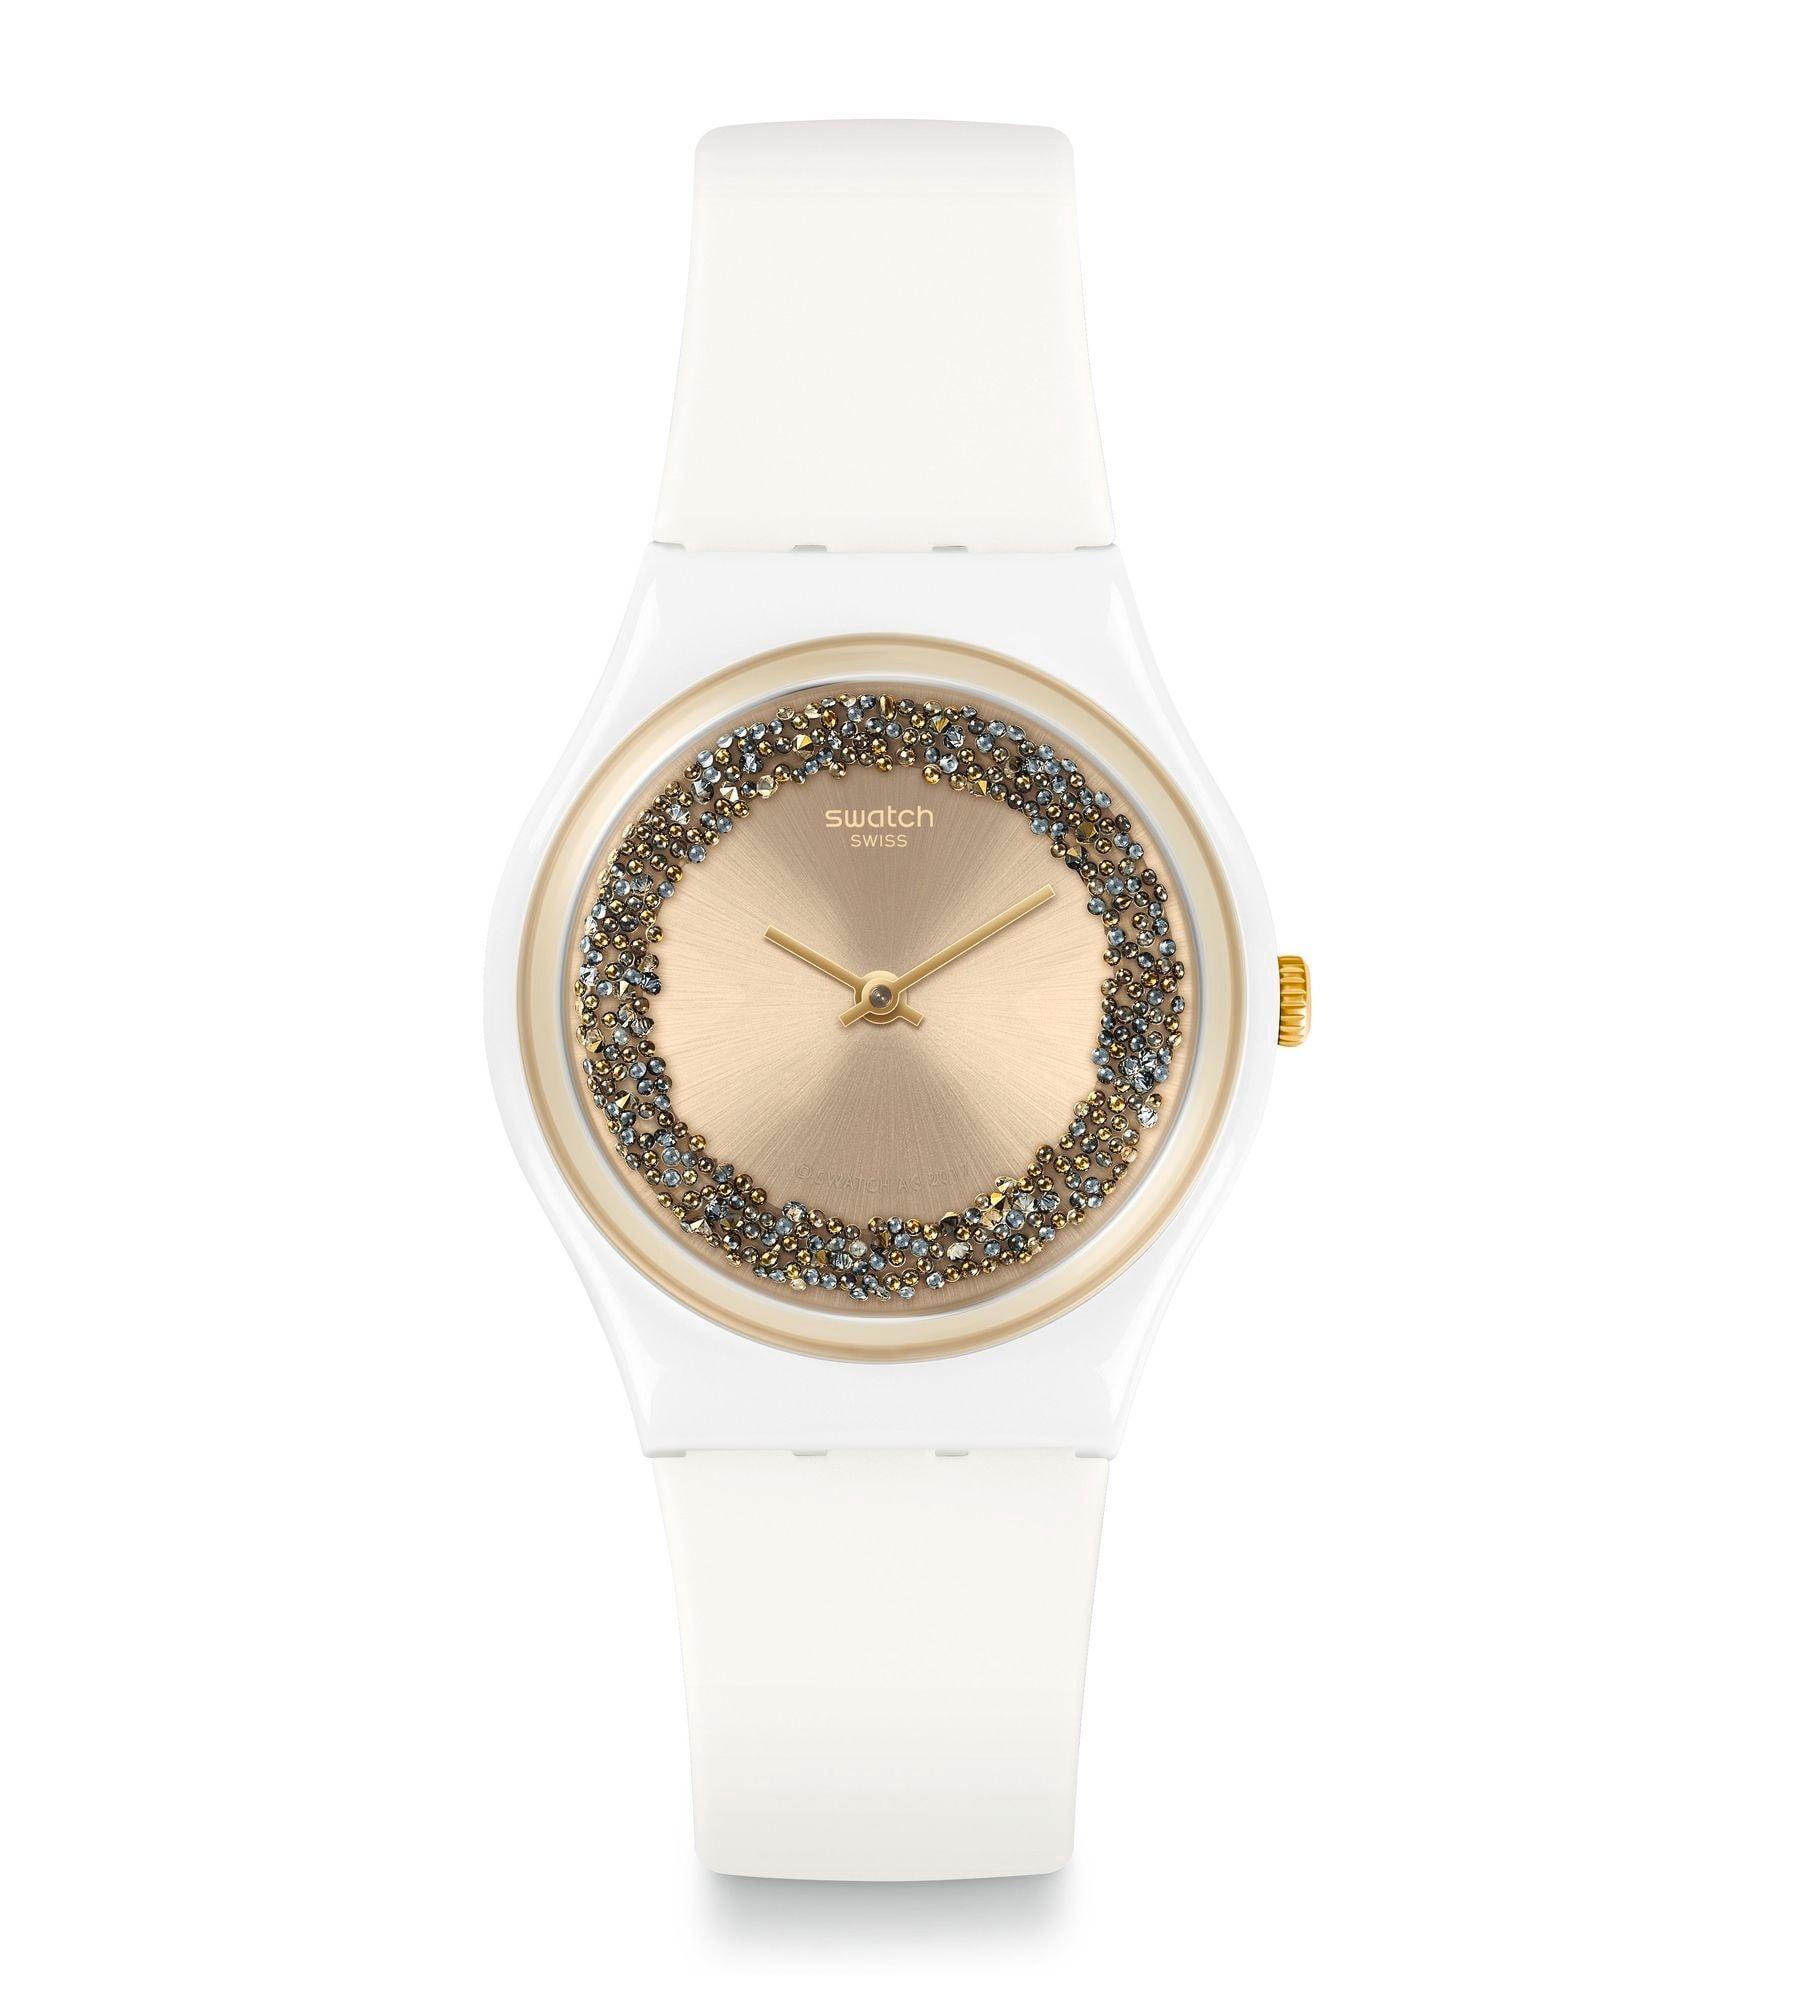 Reloj Reajustar Swatch Swatch Reajustar Reloj Reajustar Reloj Cronos Reloj Swatch Reajustar Cronos Cronos Cronos IbvYymfg76